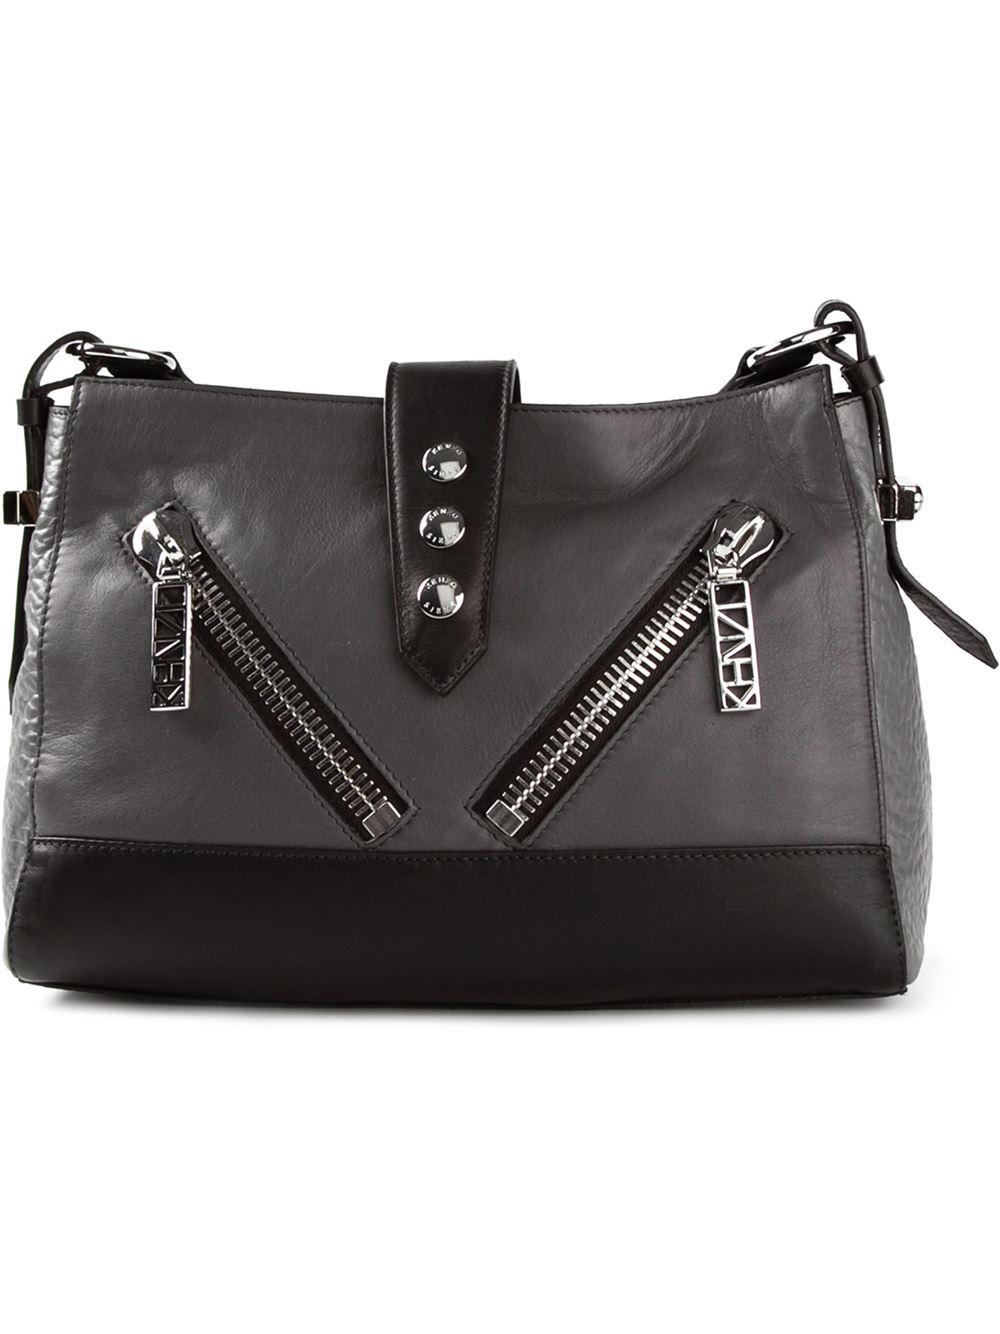 designer handbag sale, lovesales, designer handbag sales, farfetch sale, handbag sale